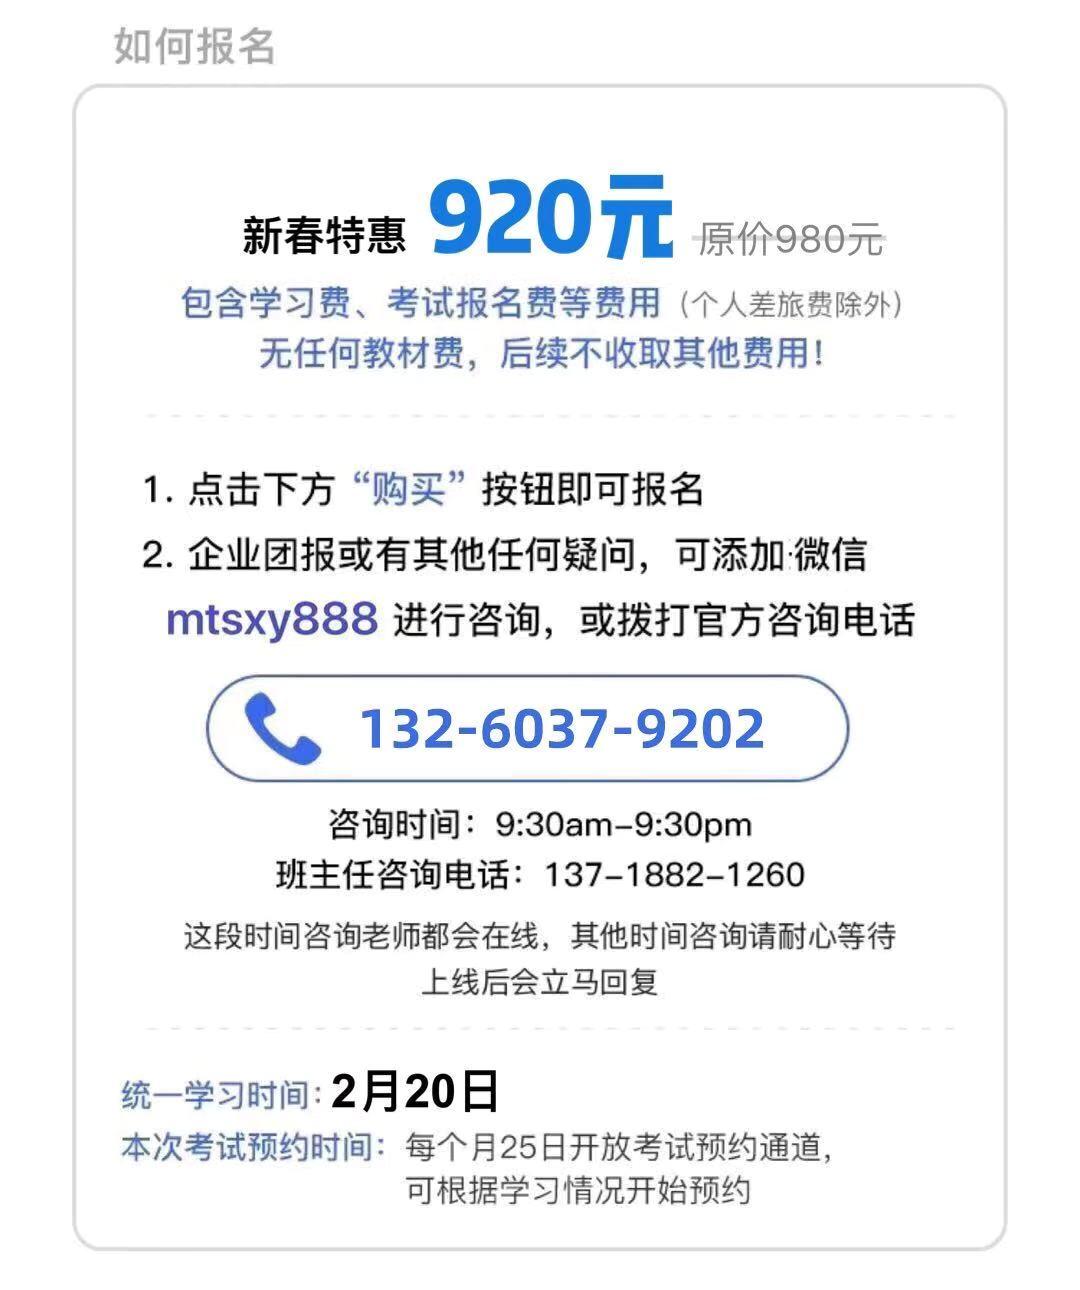 http://mtedu-img.oss-cn-beijing-internal.aliyuncs.com/ueditor/20200120113355_995251.jpeg